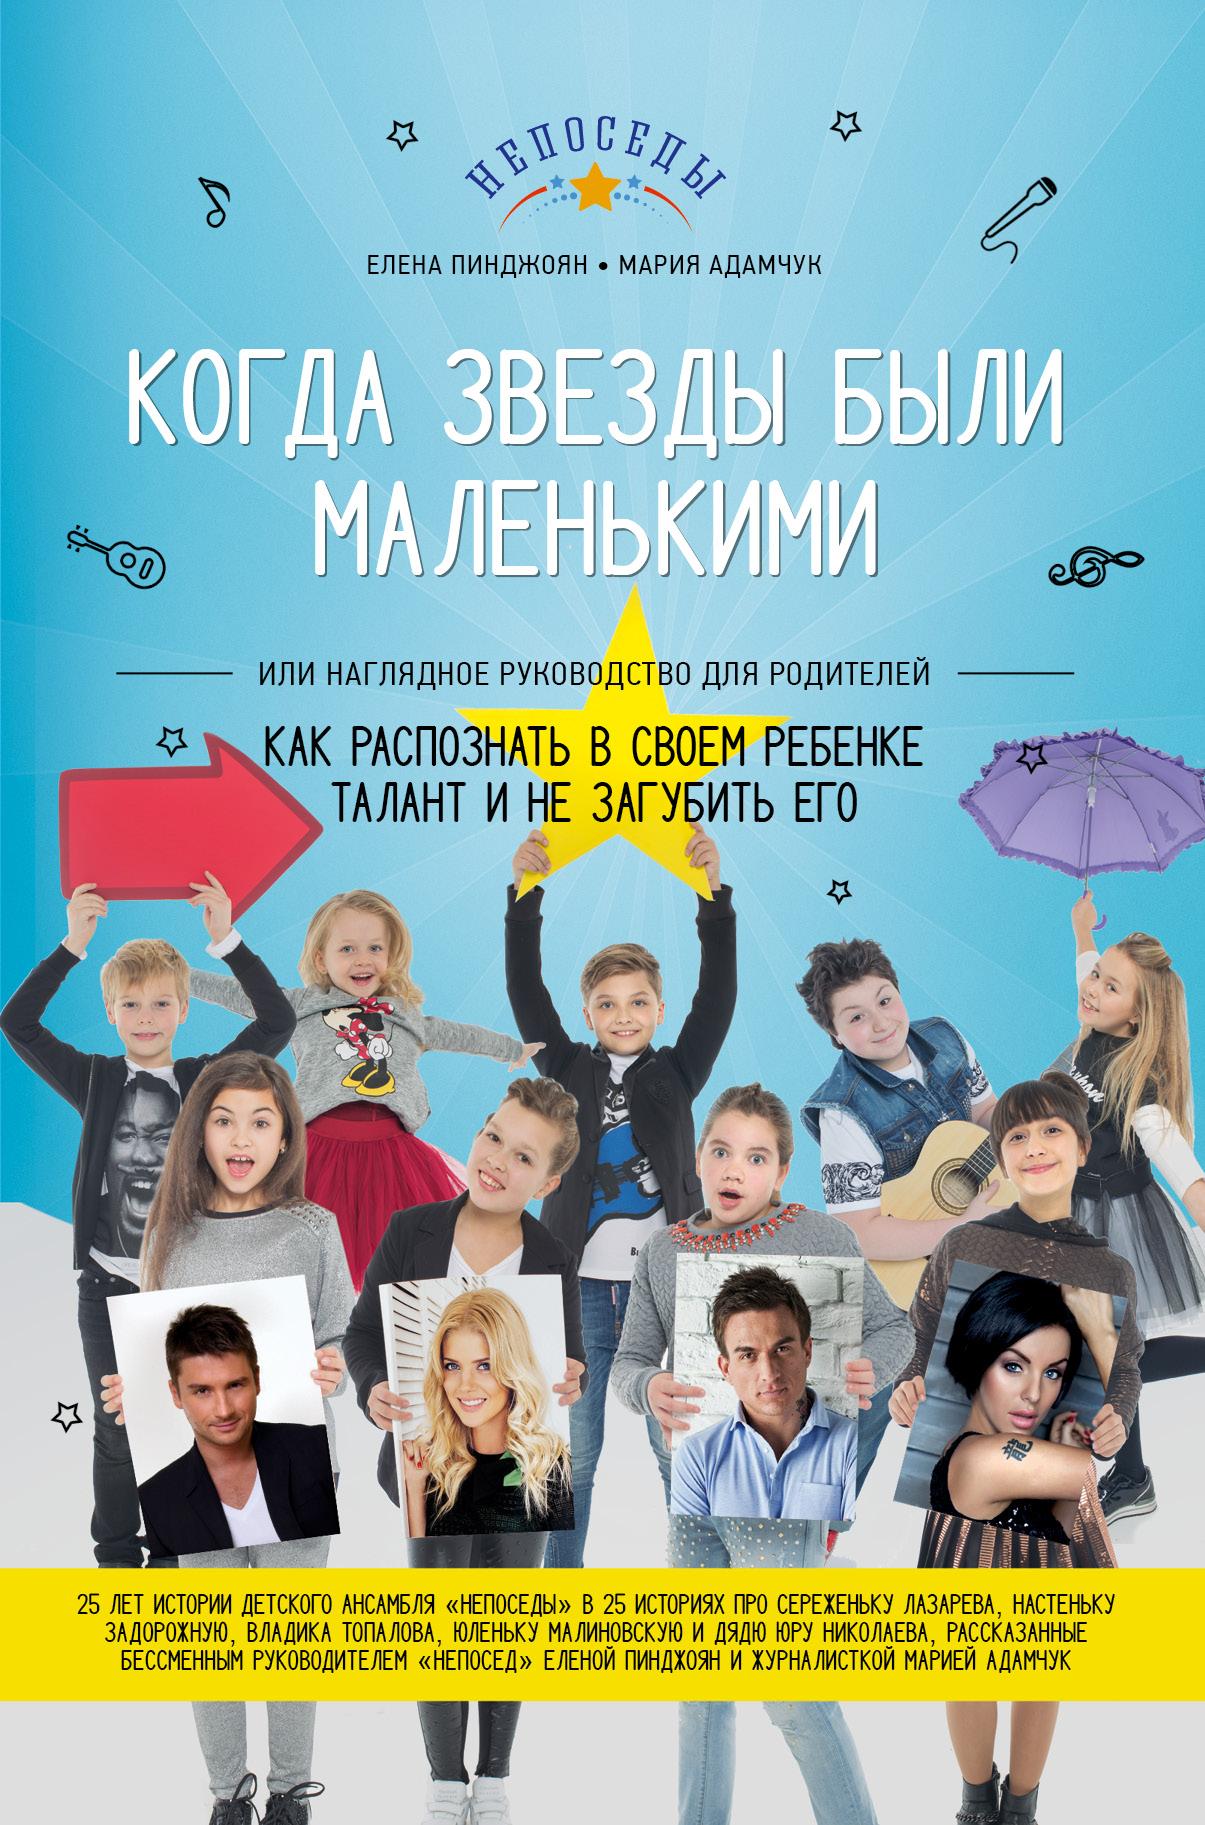 Как распознать в своем ребенке талант и не загубить его ( Пинджоян Е.М., Адамчук М.А.  )